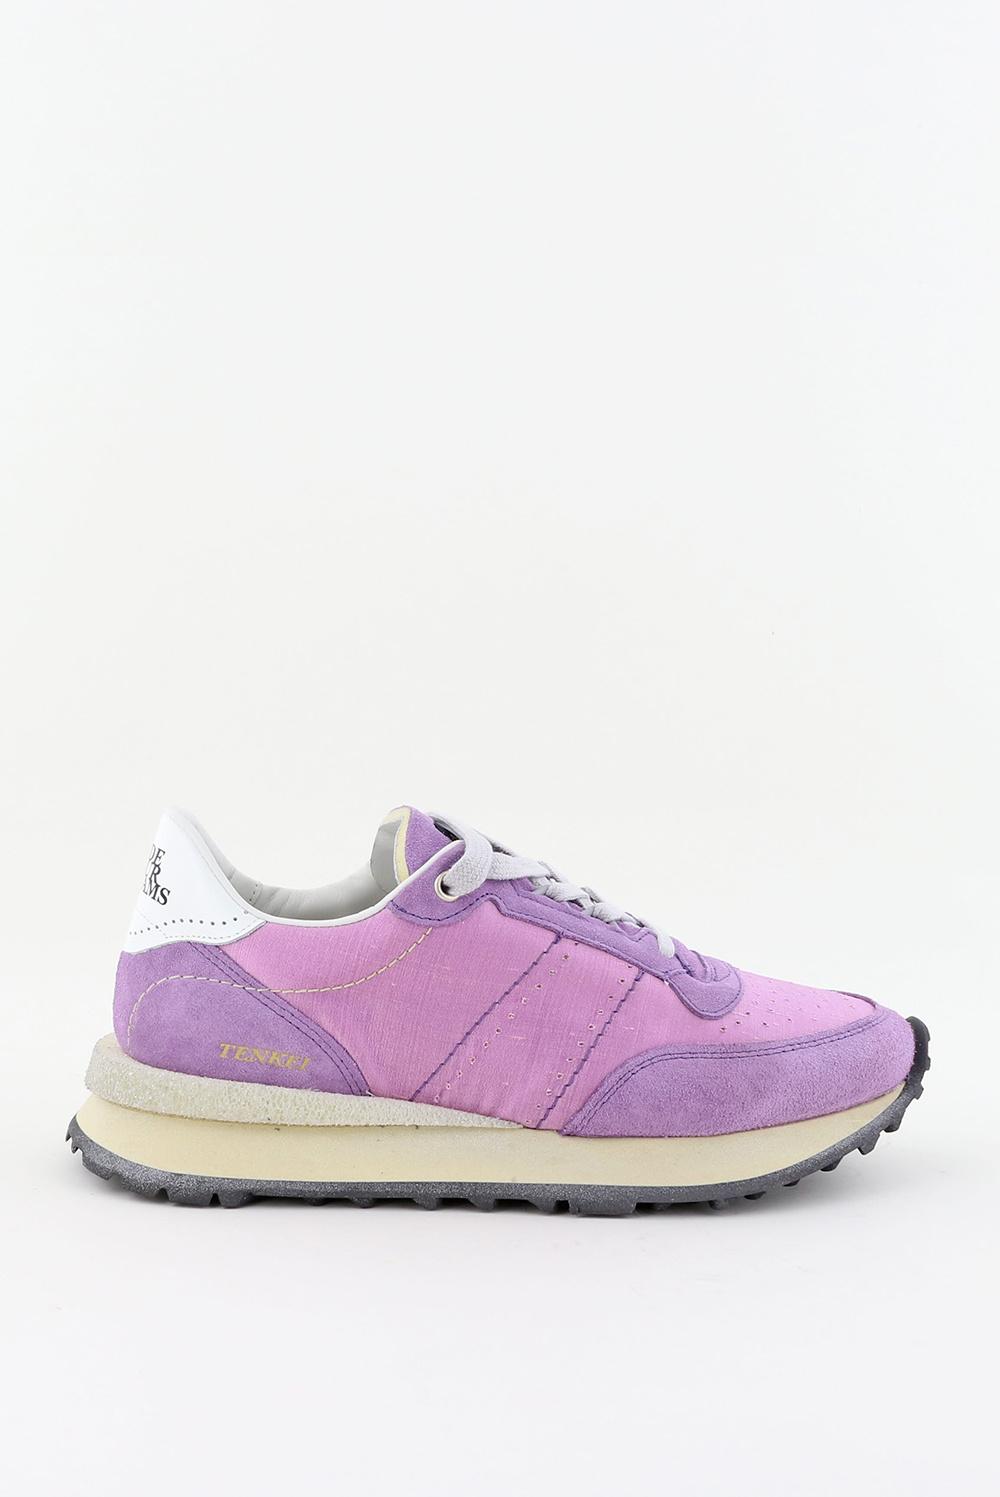 Hidnander sneakers Tenkei HC2WS400 paars